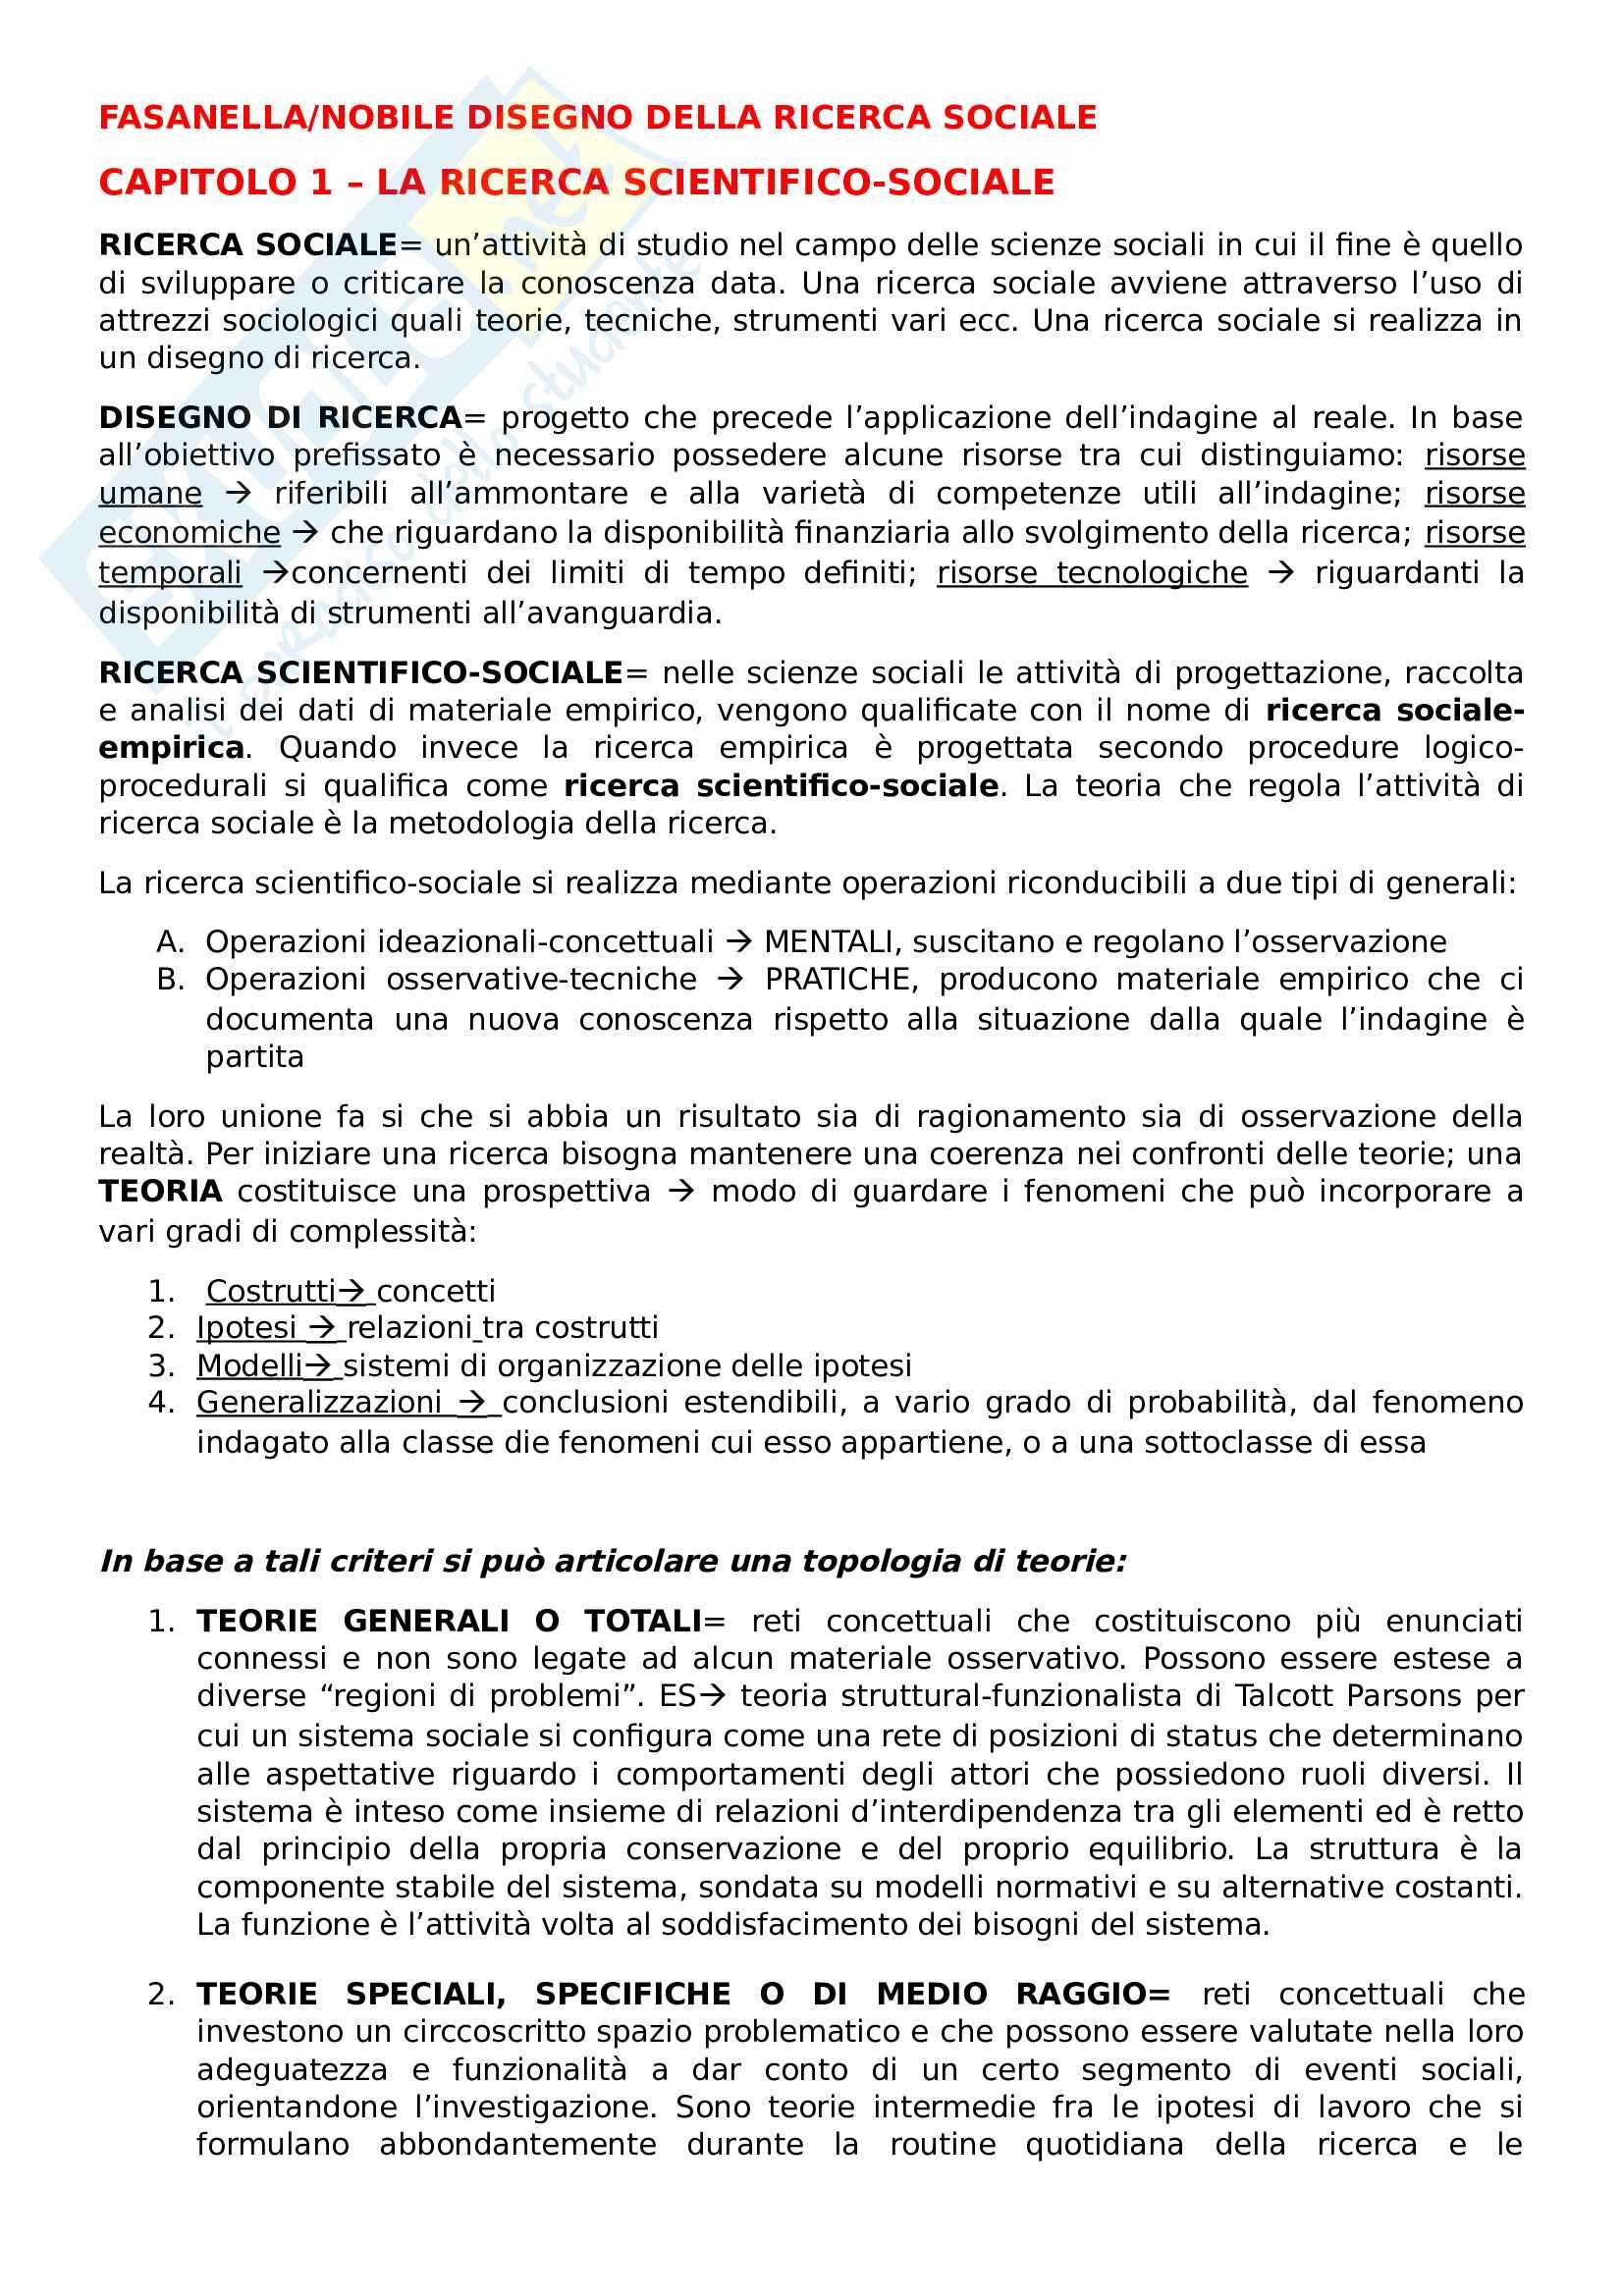 Riassunto esame metodologia della ricerca sociale, Prof Nobile, Prof Fasanella, libro consigliato Il disegno della ricerca sociale